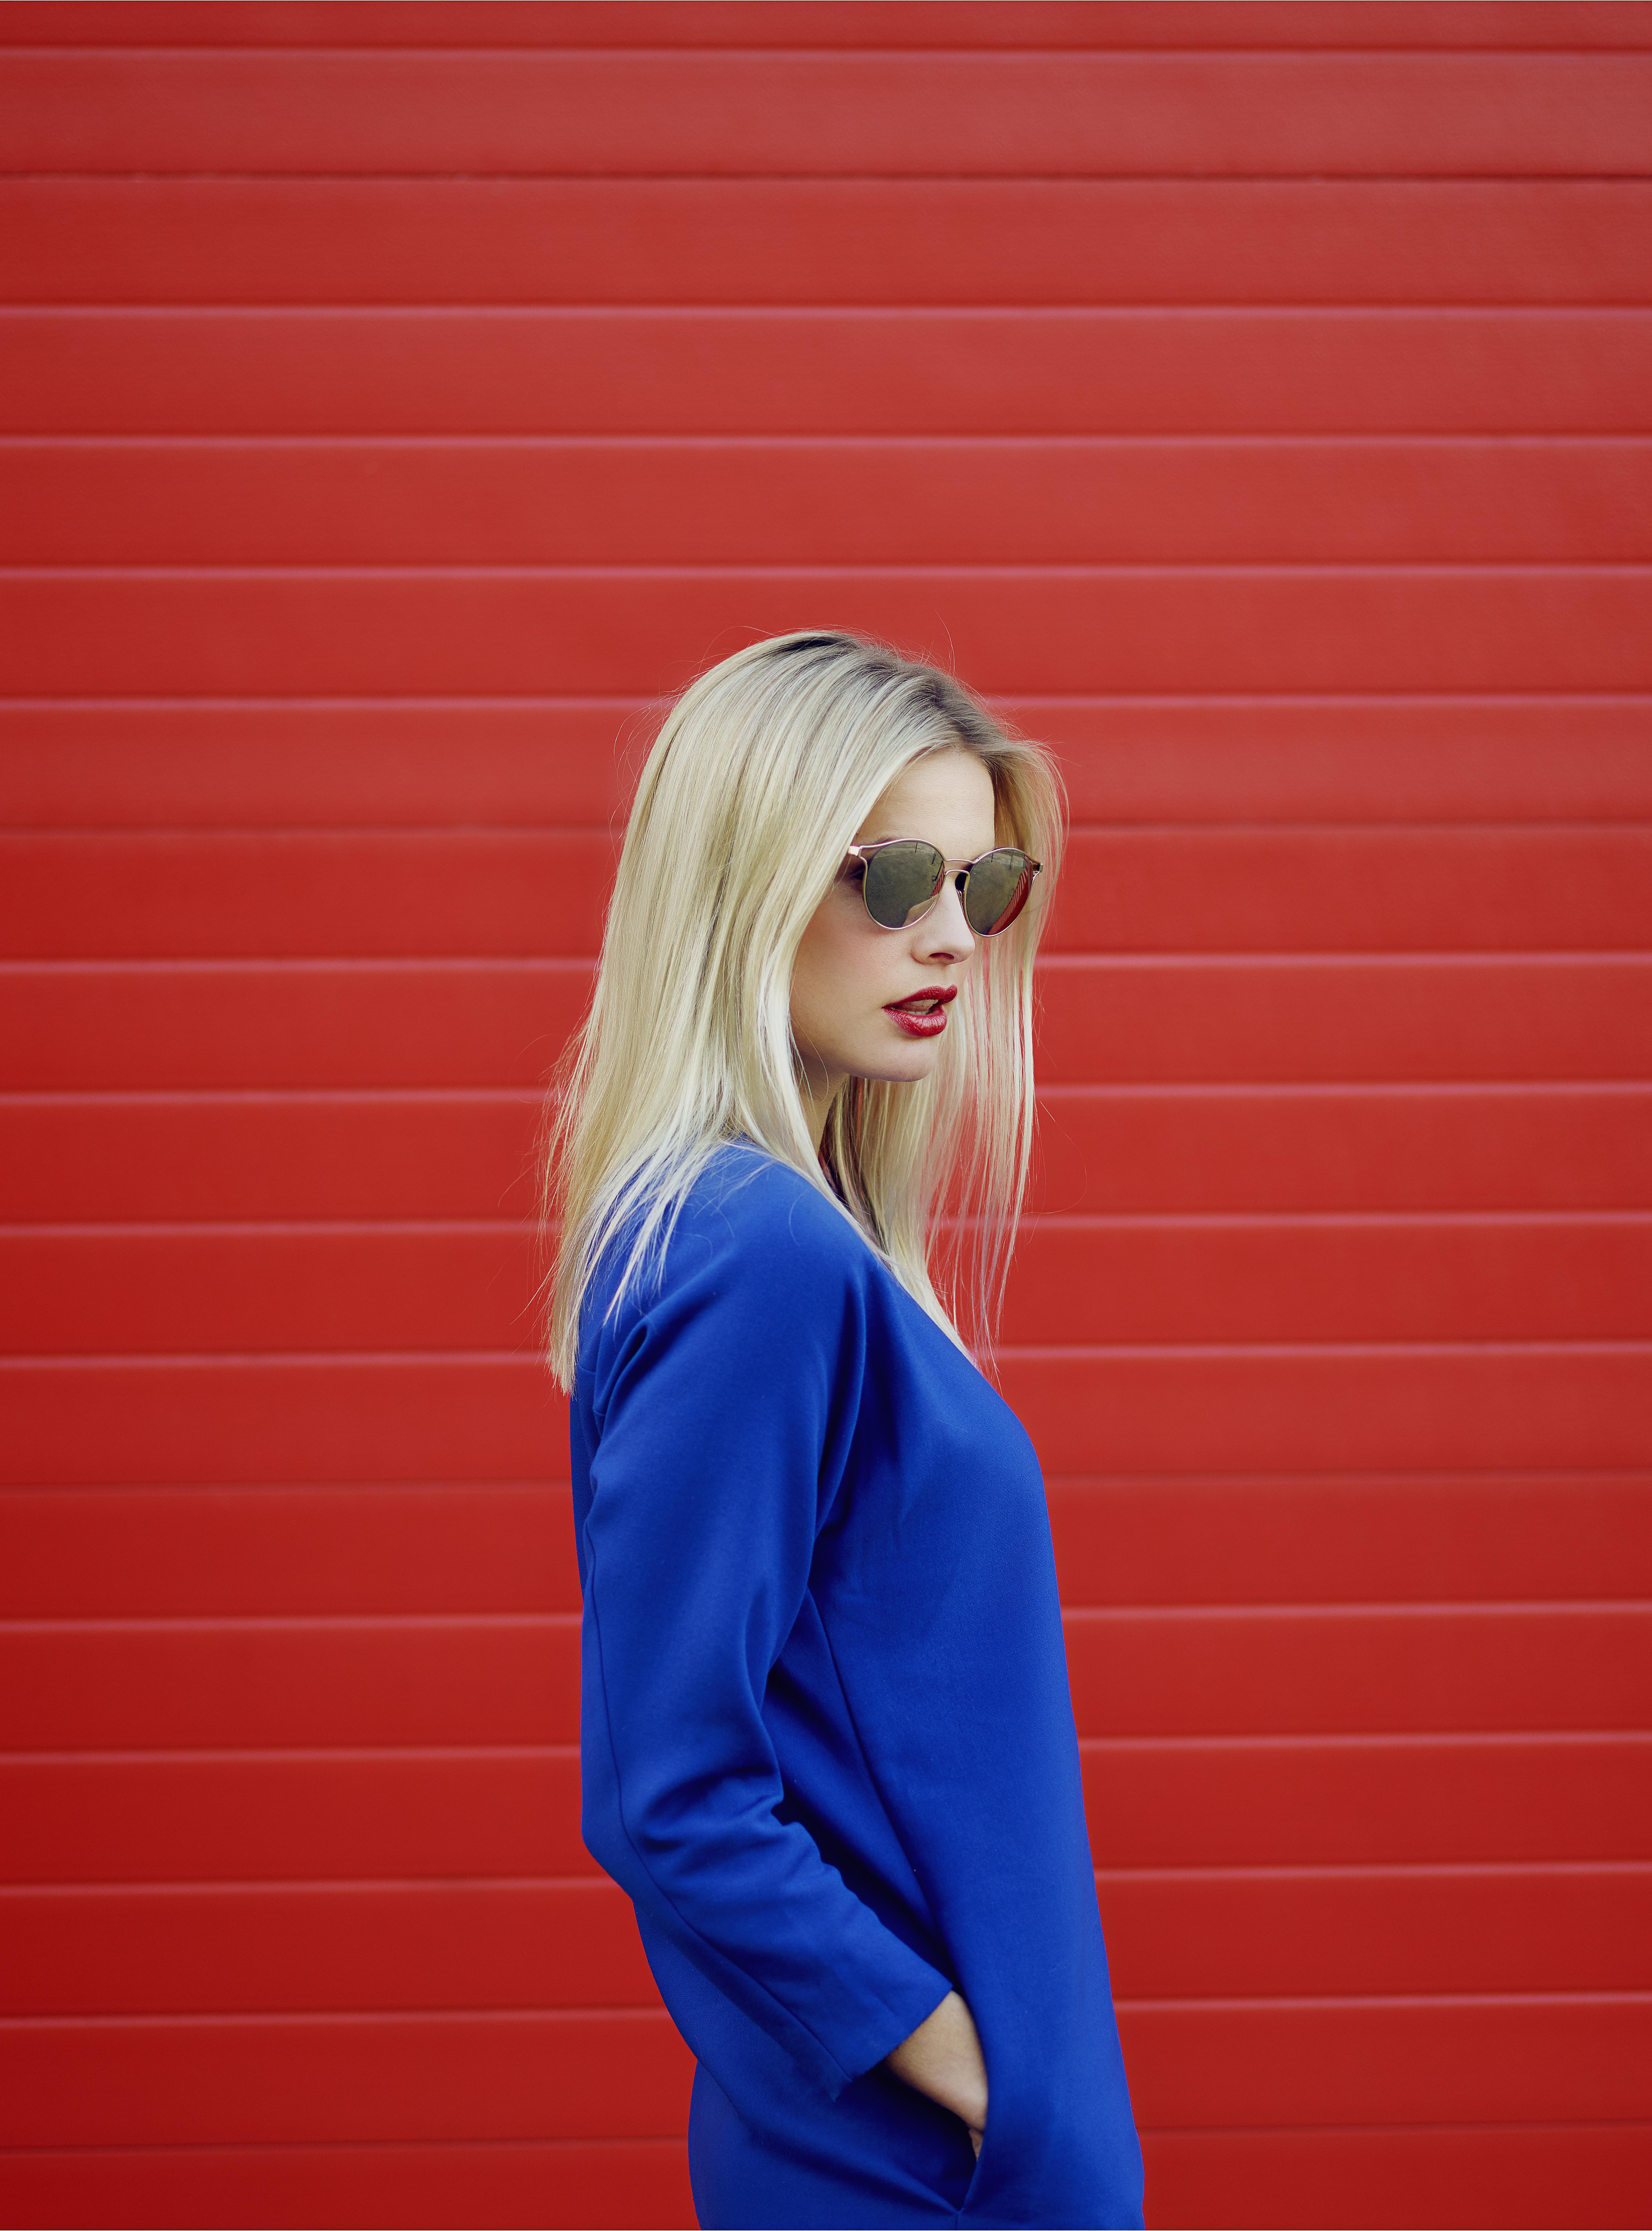 fotograaf: Lichtwaas model:Elise Van de Meulebroucke